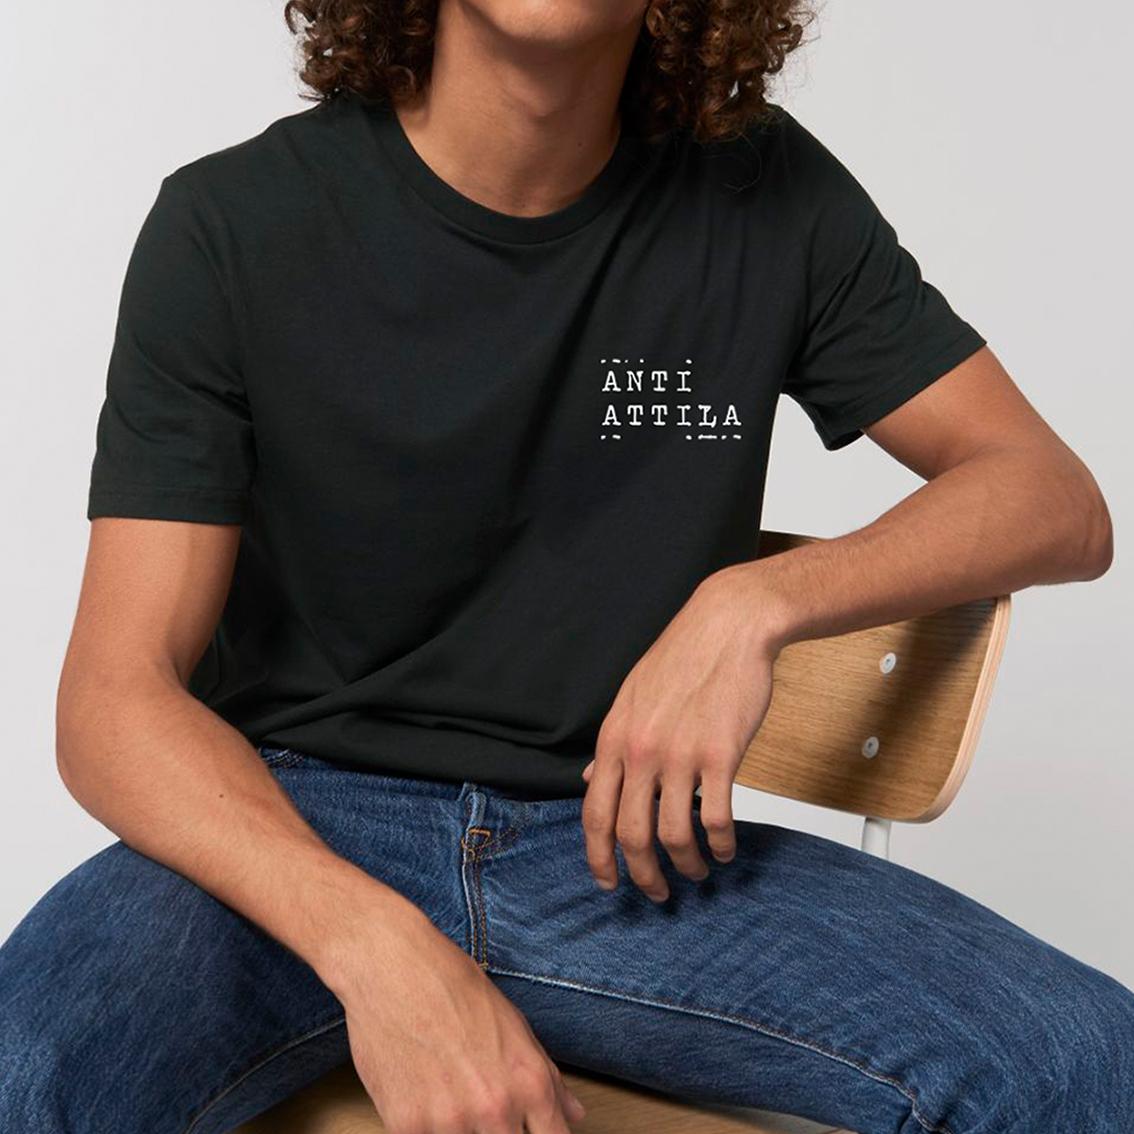 Tourhafen Anti Attila Untailliertes Shirt black